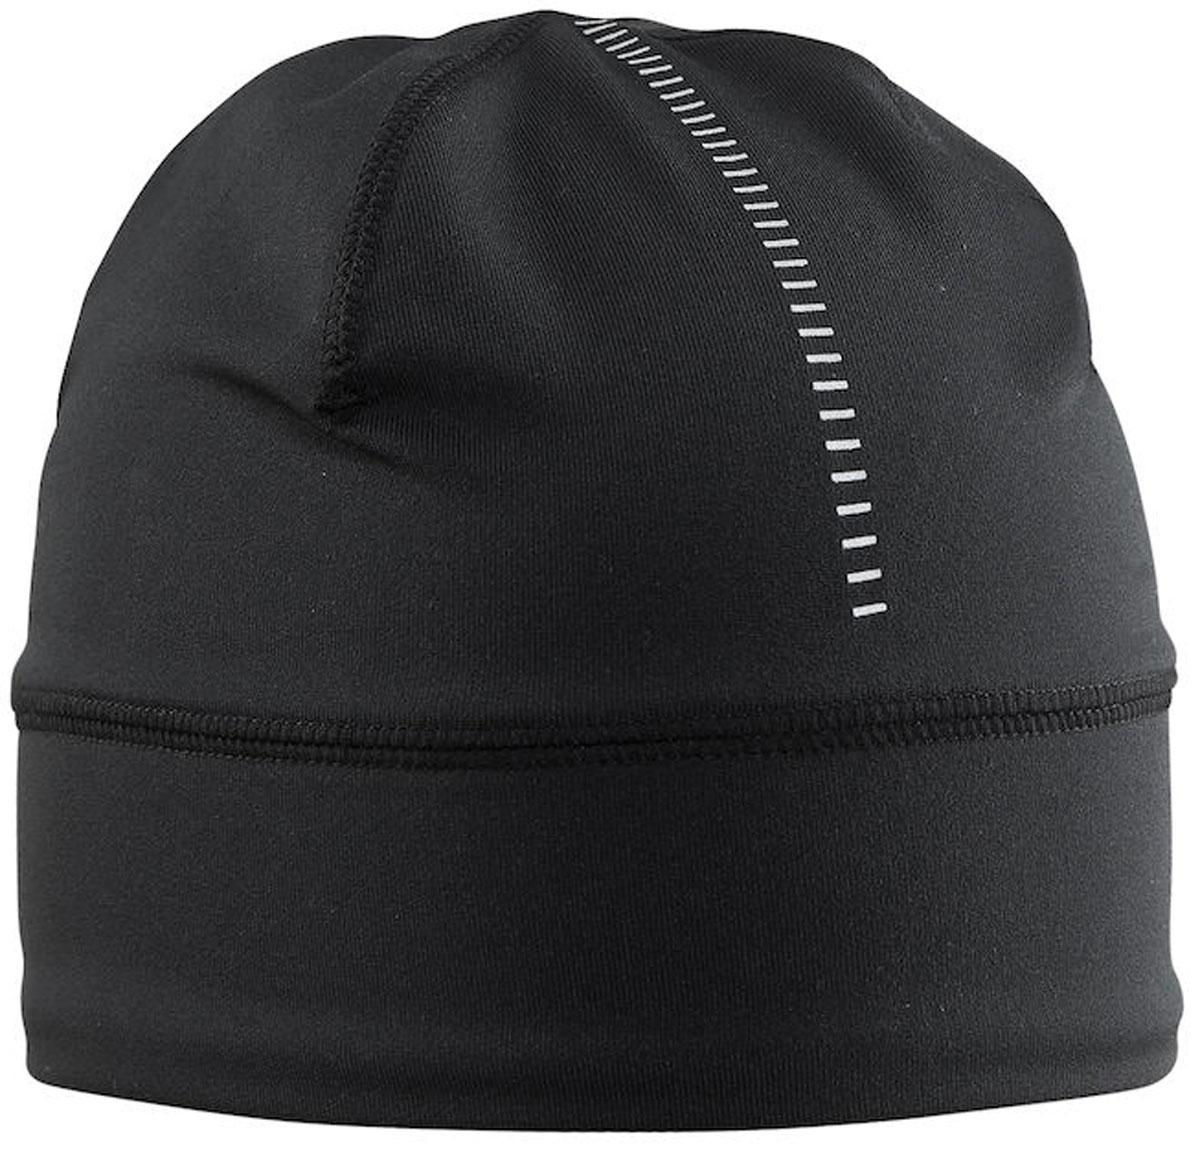 Шапка Craft Livigno, цвет: черный. 1904564/9999. Размер S/M (56)1904564/9999Легкая проветриваемая шапка из тянущегося материала.